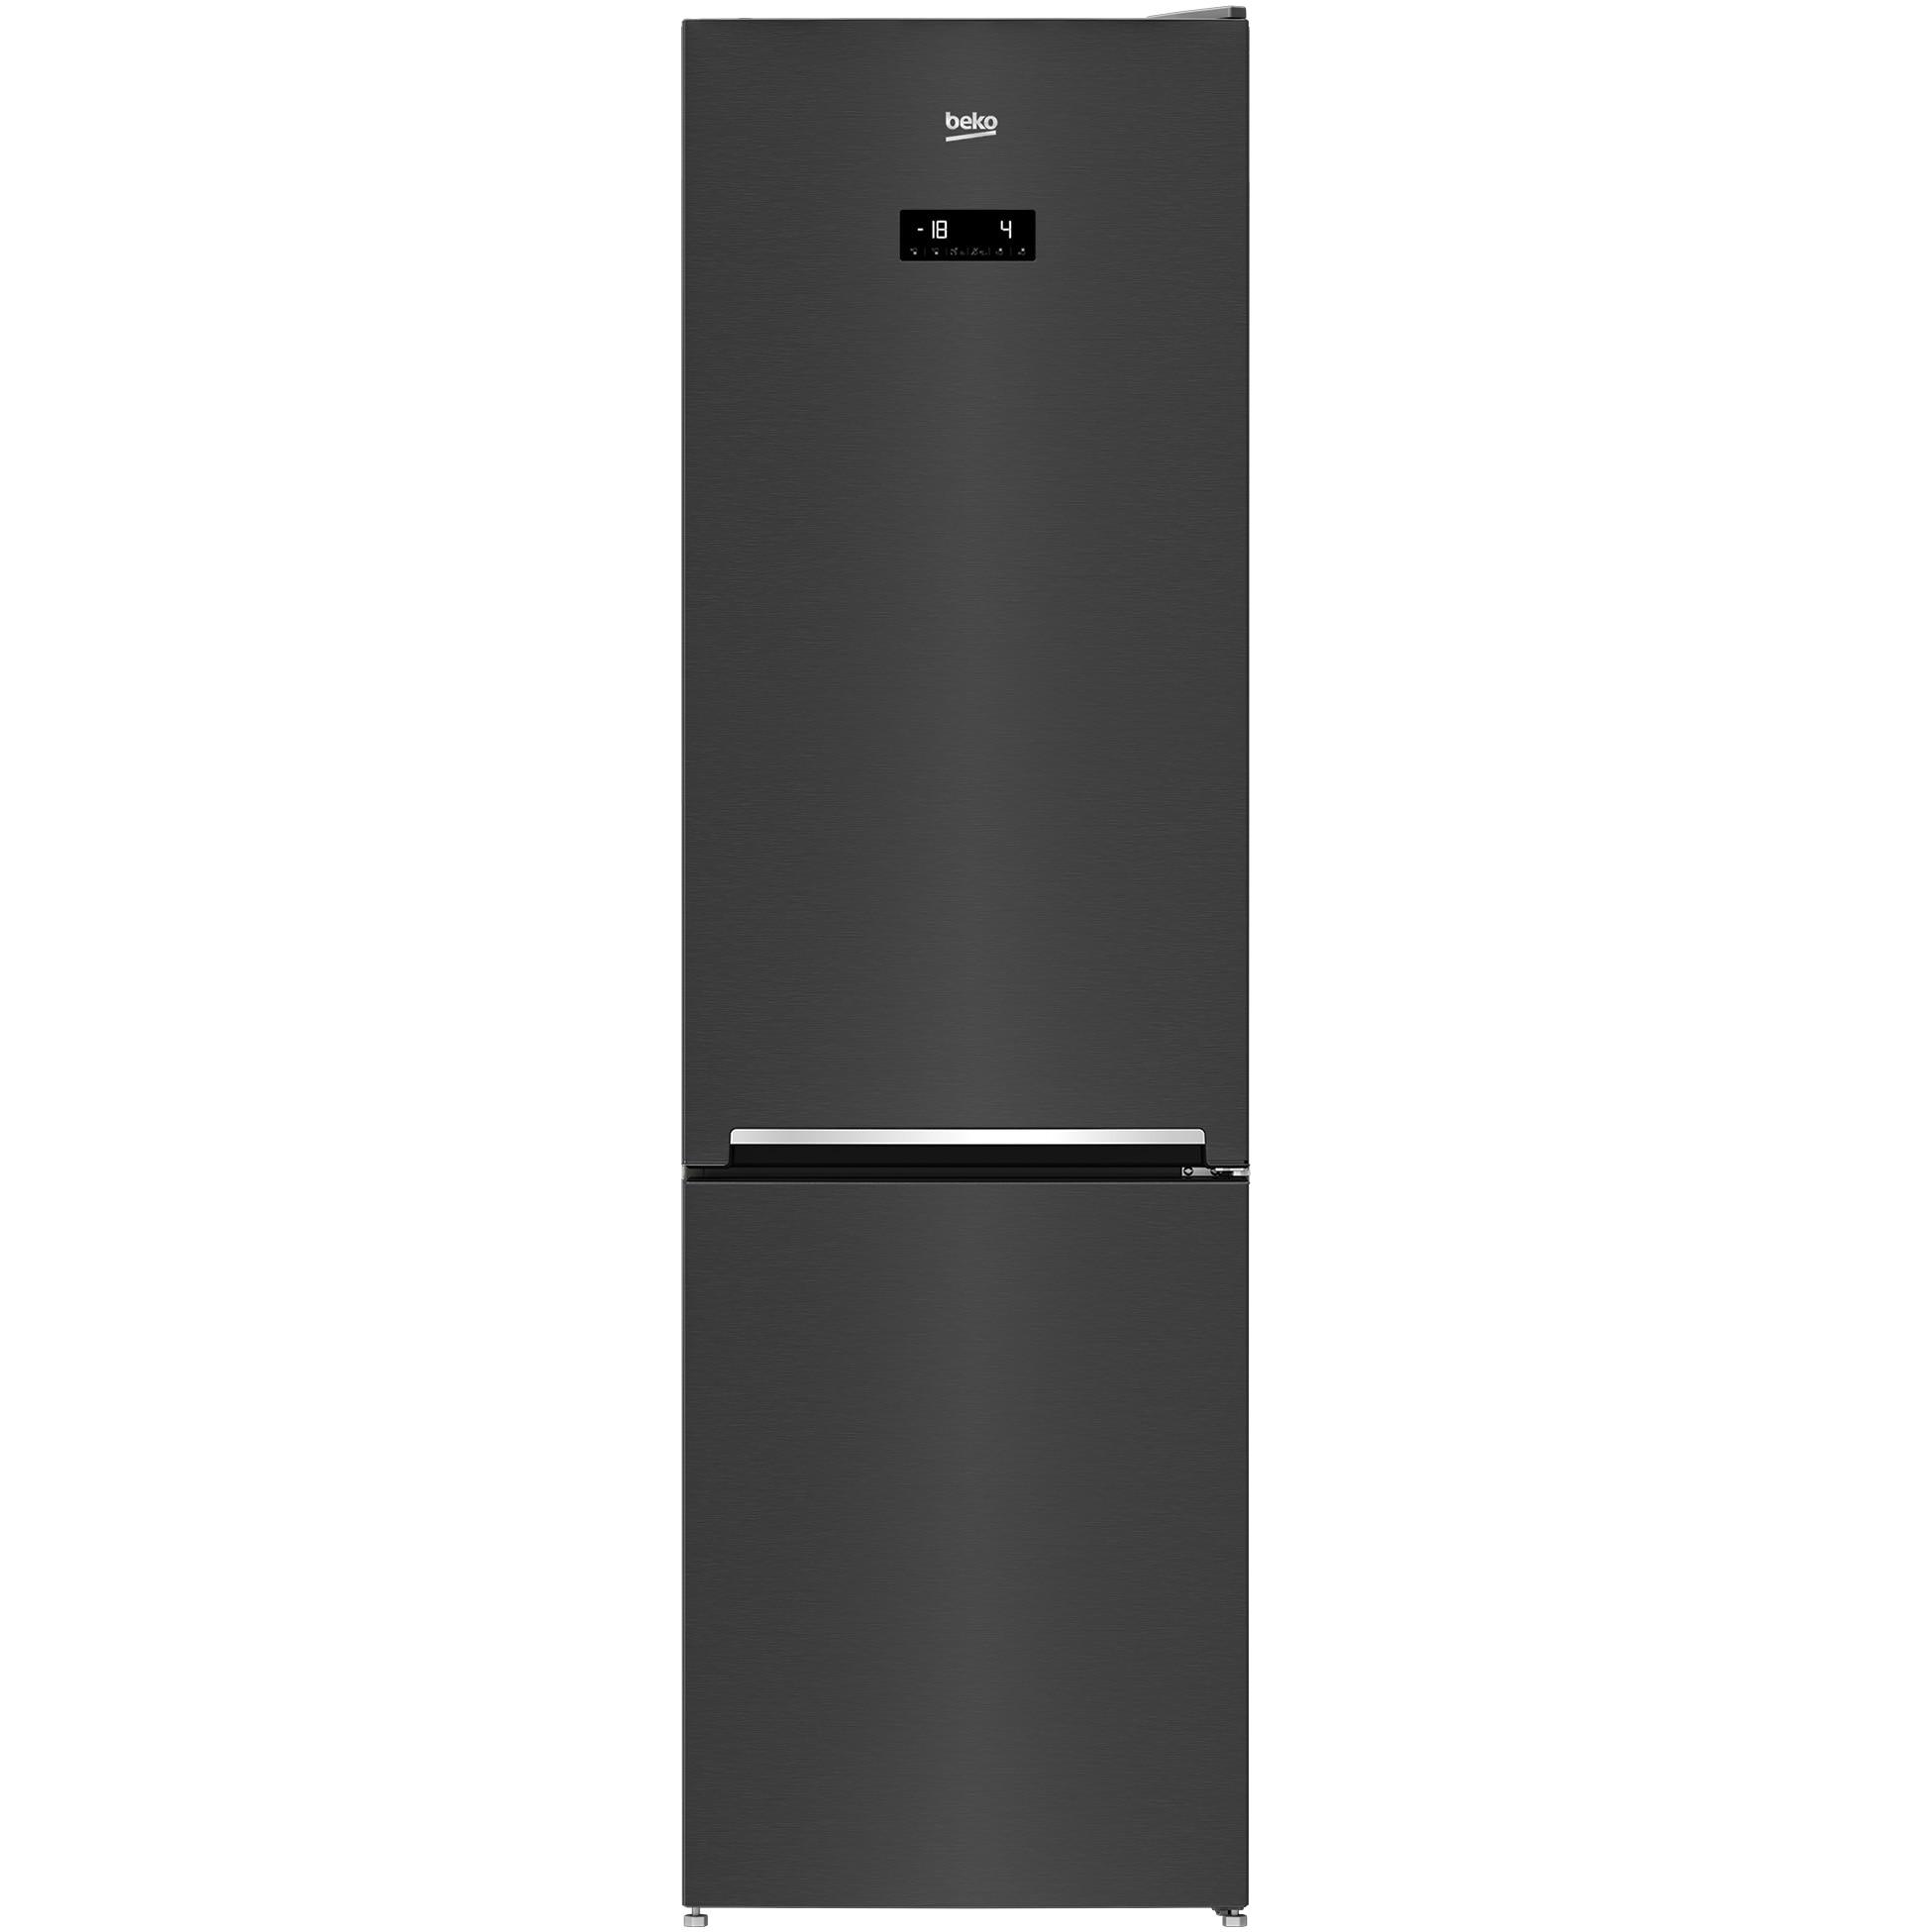 Fotografie Combina frigorifica Beko RCNA406E40ZXBRN, HarvestFresh, NeoFrost Dual Cooling, 362 L, Compartiment 0°C, Suport sticle, Clasa E, H 203 cm, Dark Inox